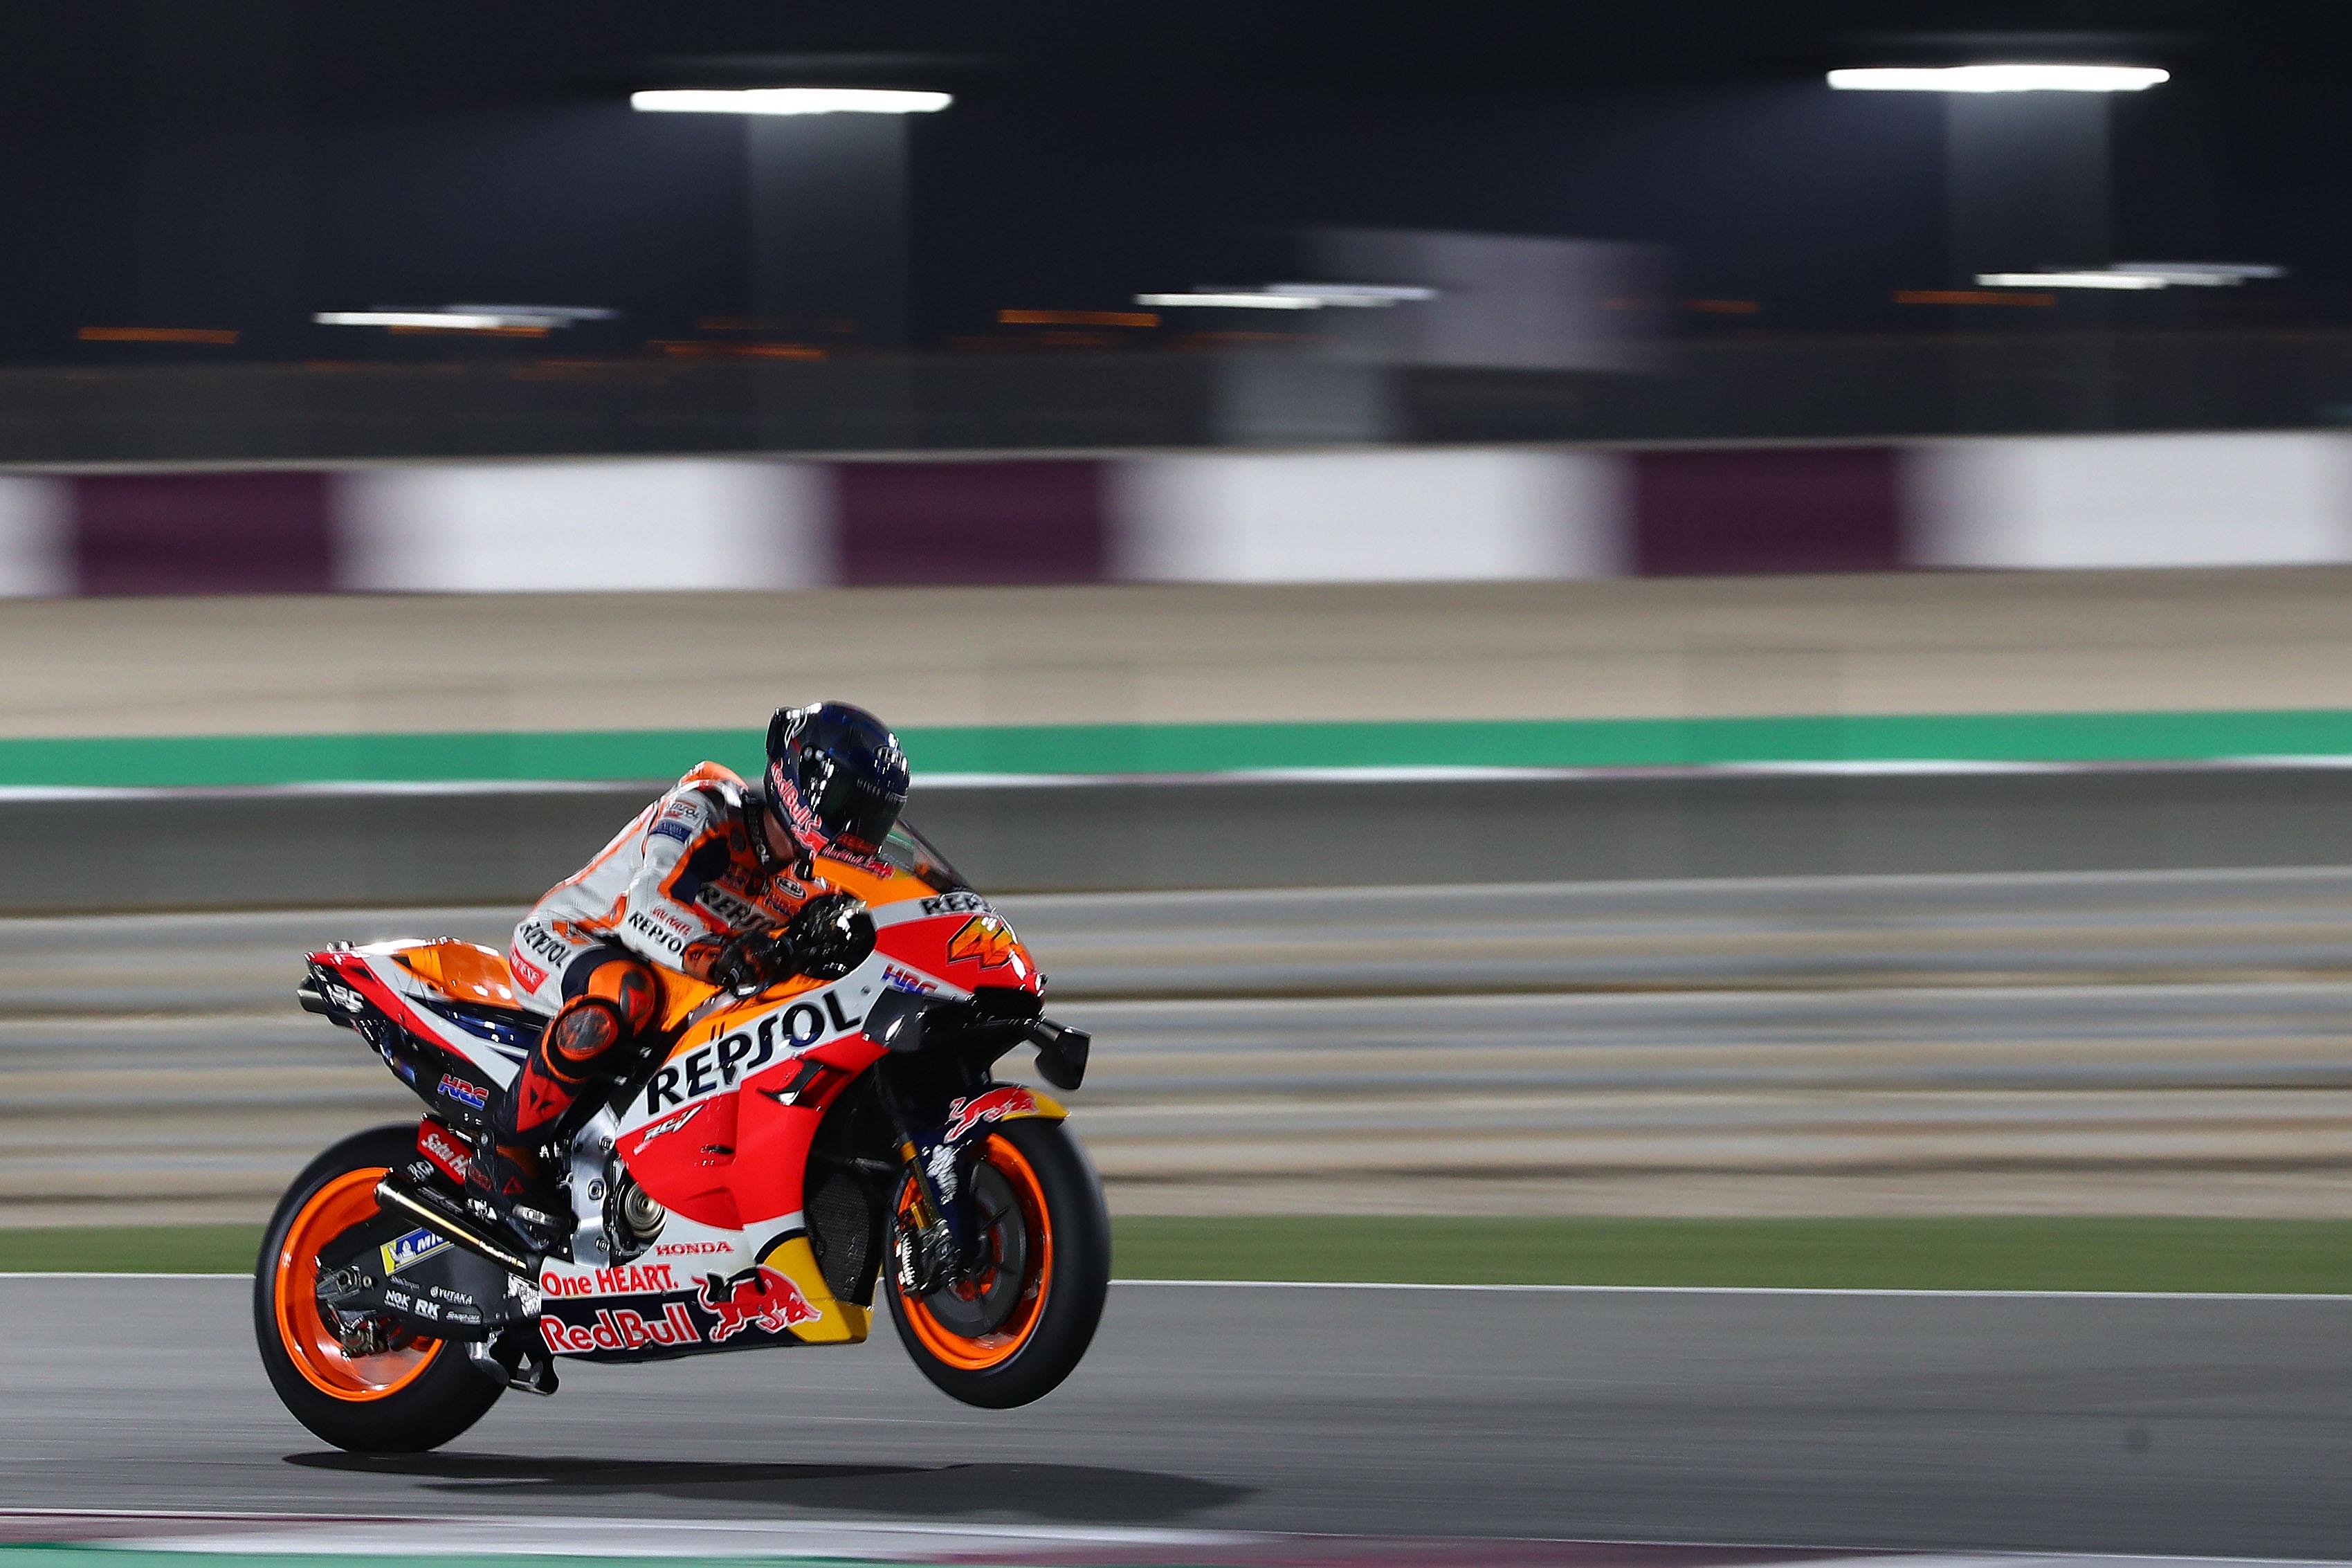 Kezdődik az oltás a MotoGP-ben is, elfogadták Katar felajánlását